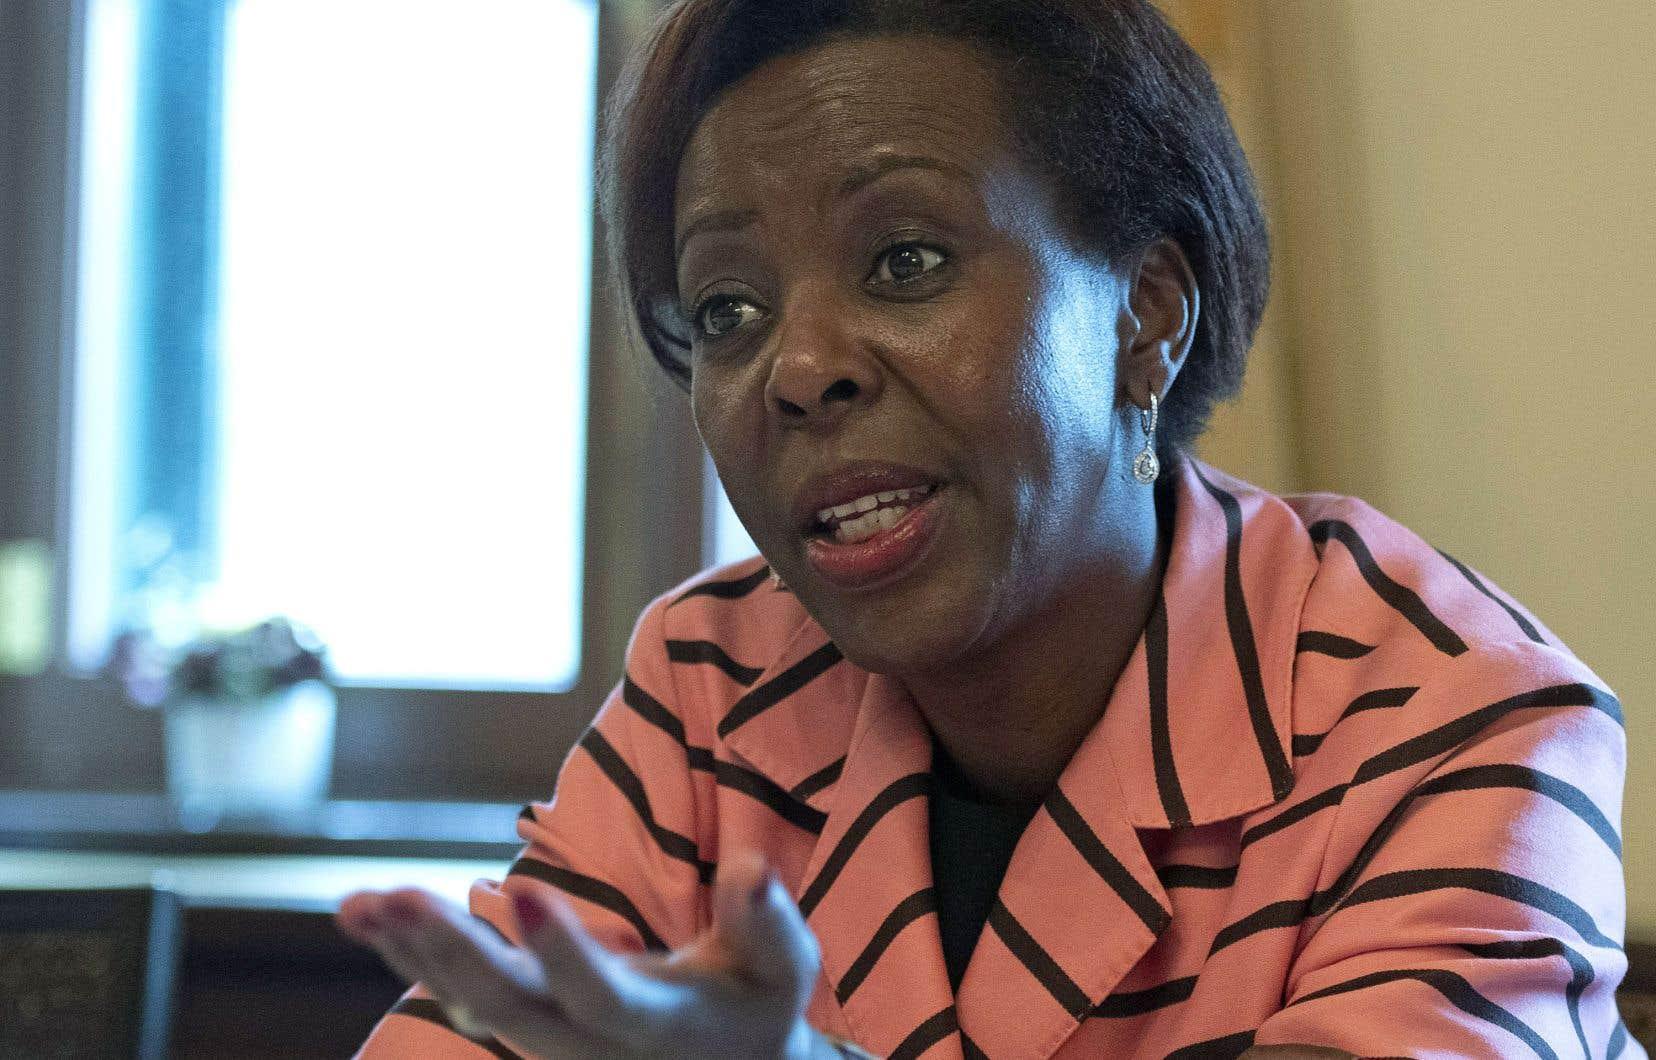 Louise Mushikiwabo s'intéresse à l'expansion de la langue française dans l'univers numérique, à la formation des enseignants, à l'entrepreneuriat féminin et particulièrement à l'éducation des filles en Afrique.